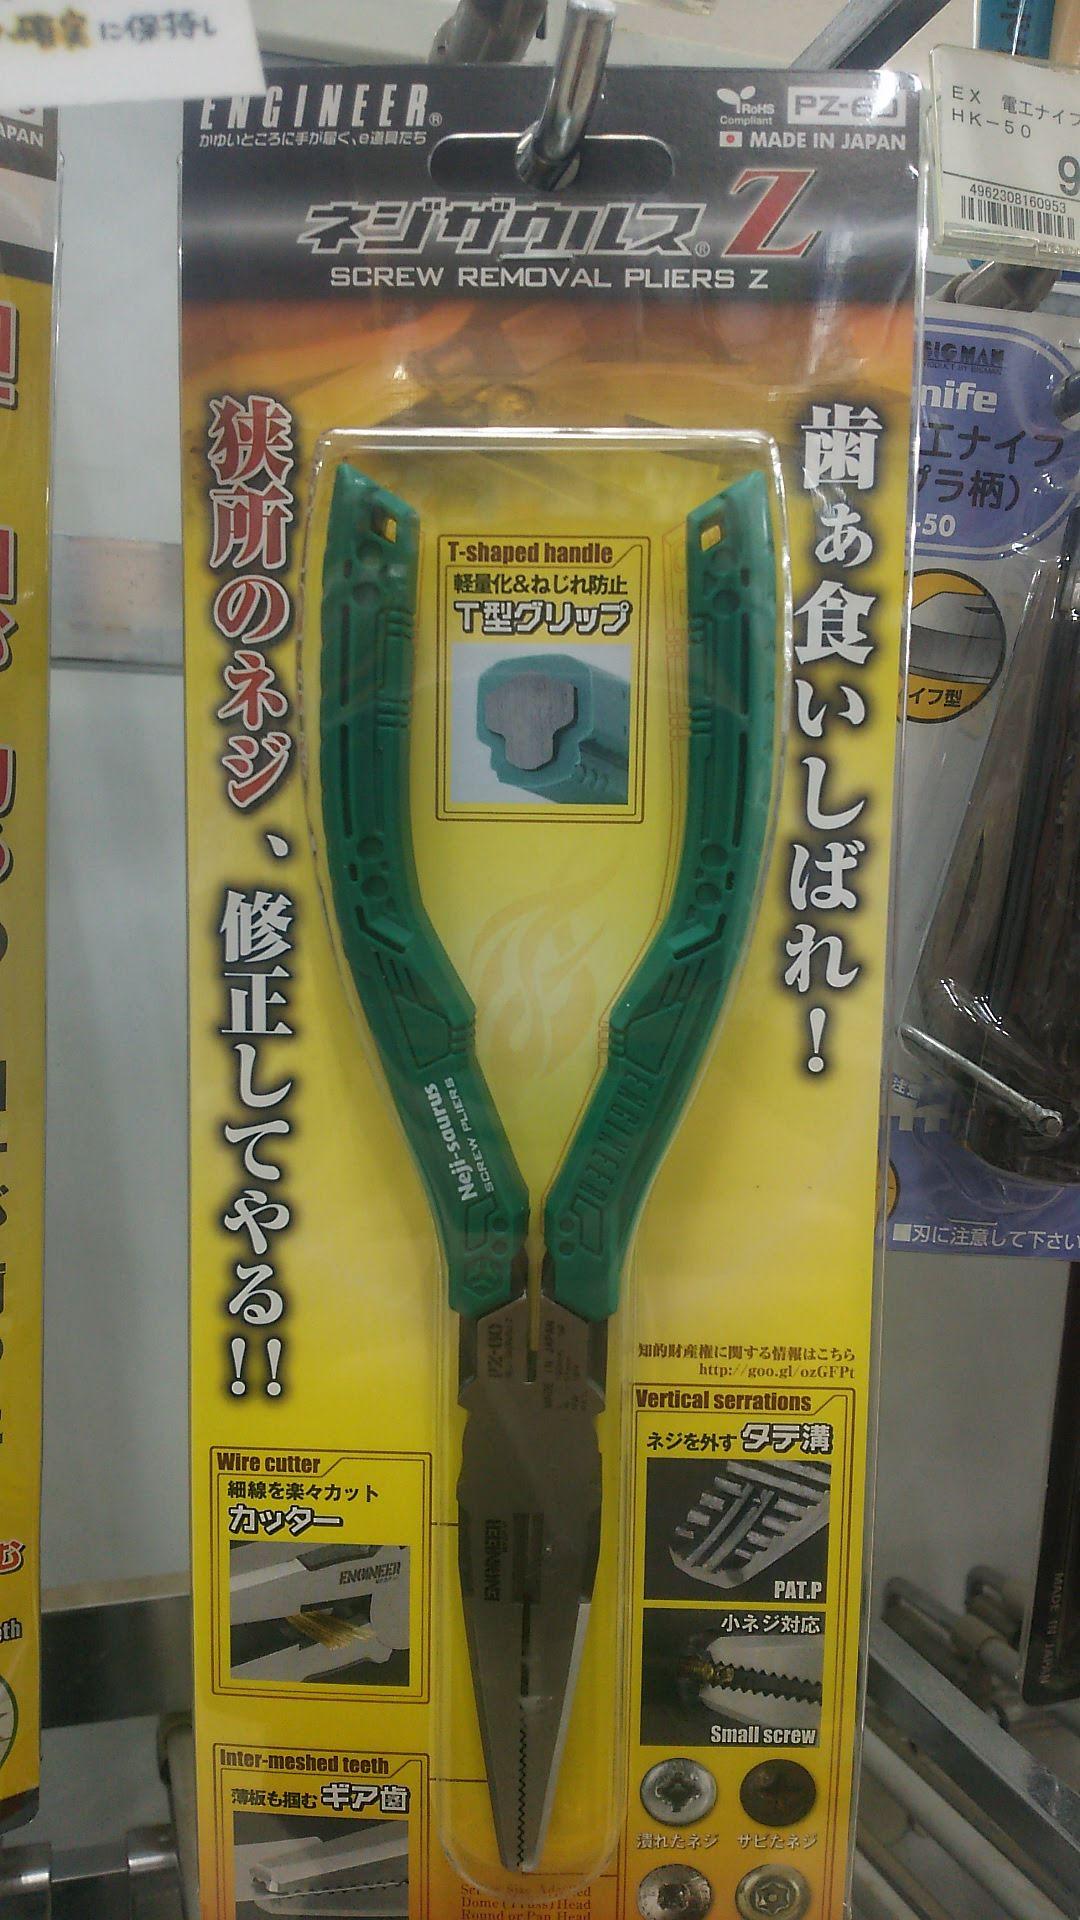 ガンダムファンを唸らせる工具?!いつ見てもカミーユな工具がこちらです!!